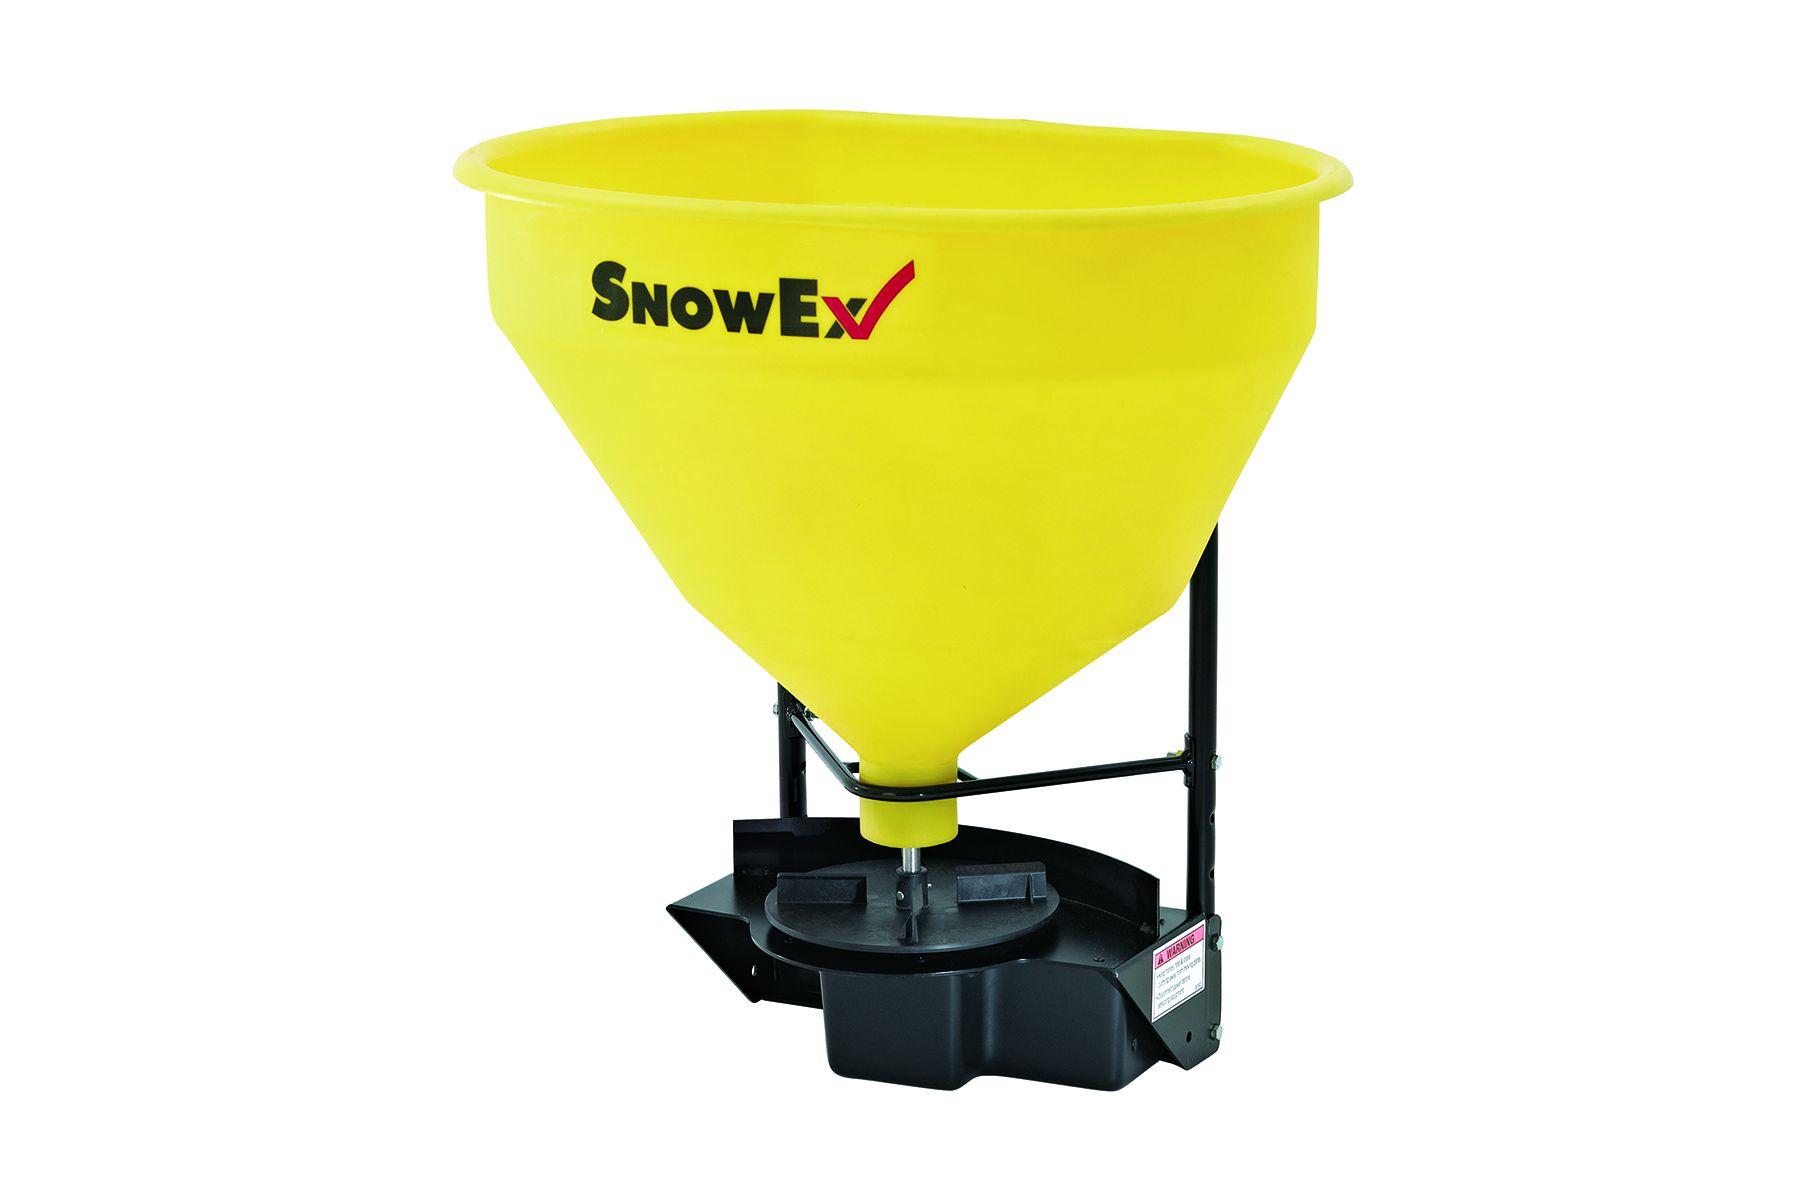 SR-210 Snowex Tailgate Spreader